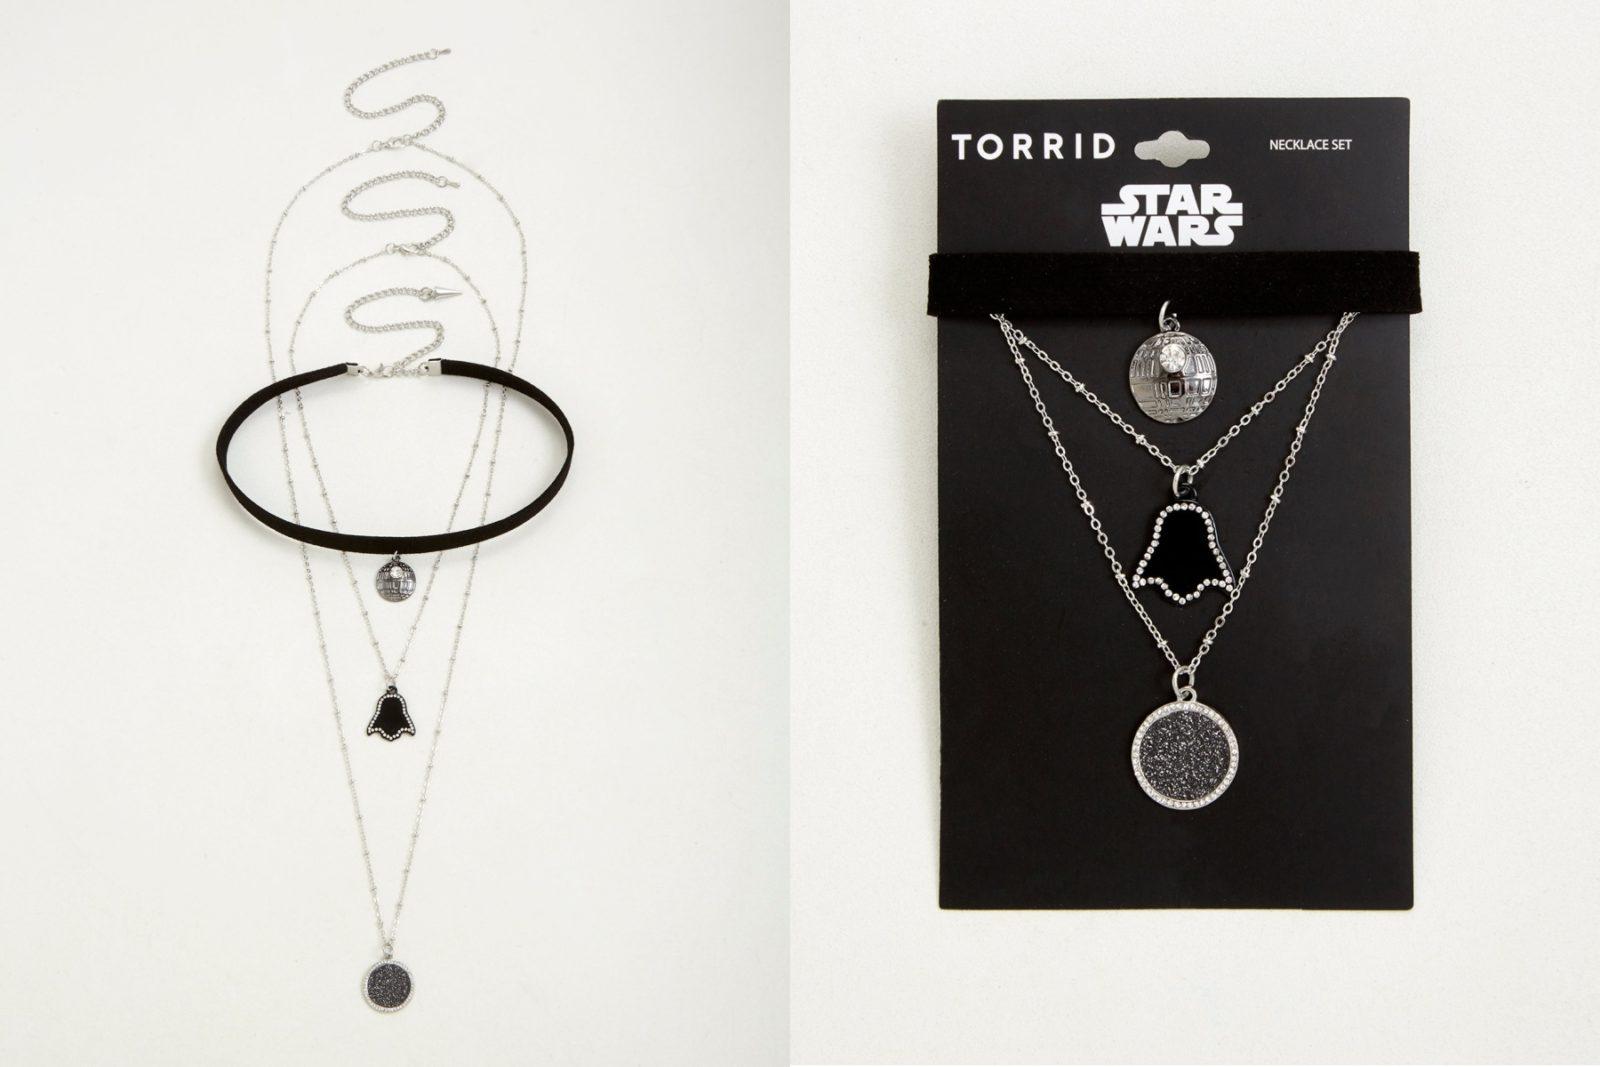 Star Wars Layered Choker Necklace Set